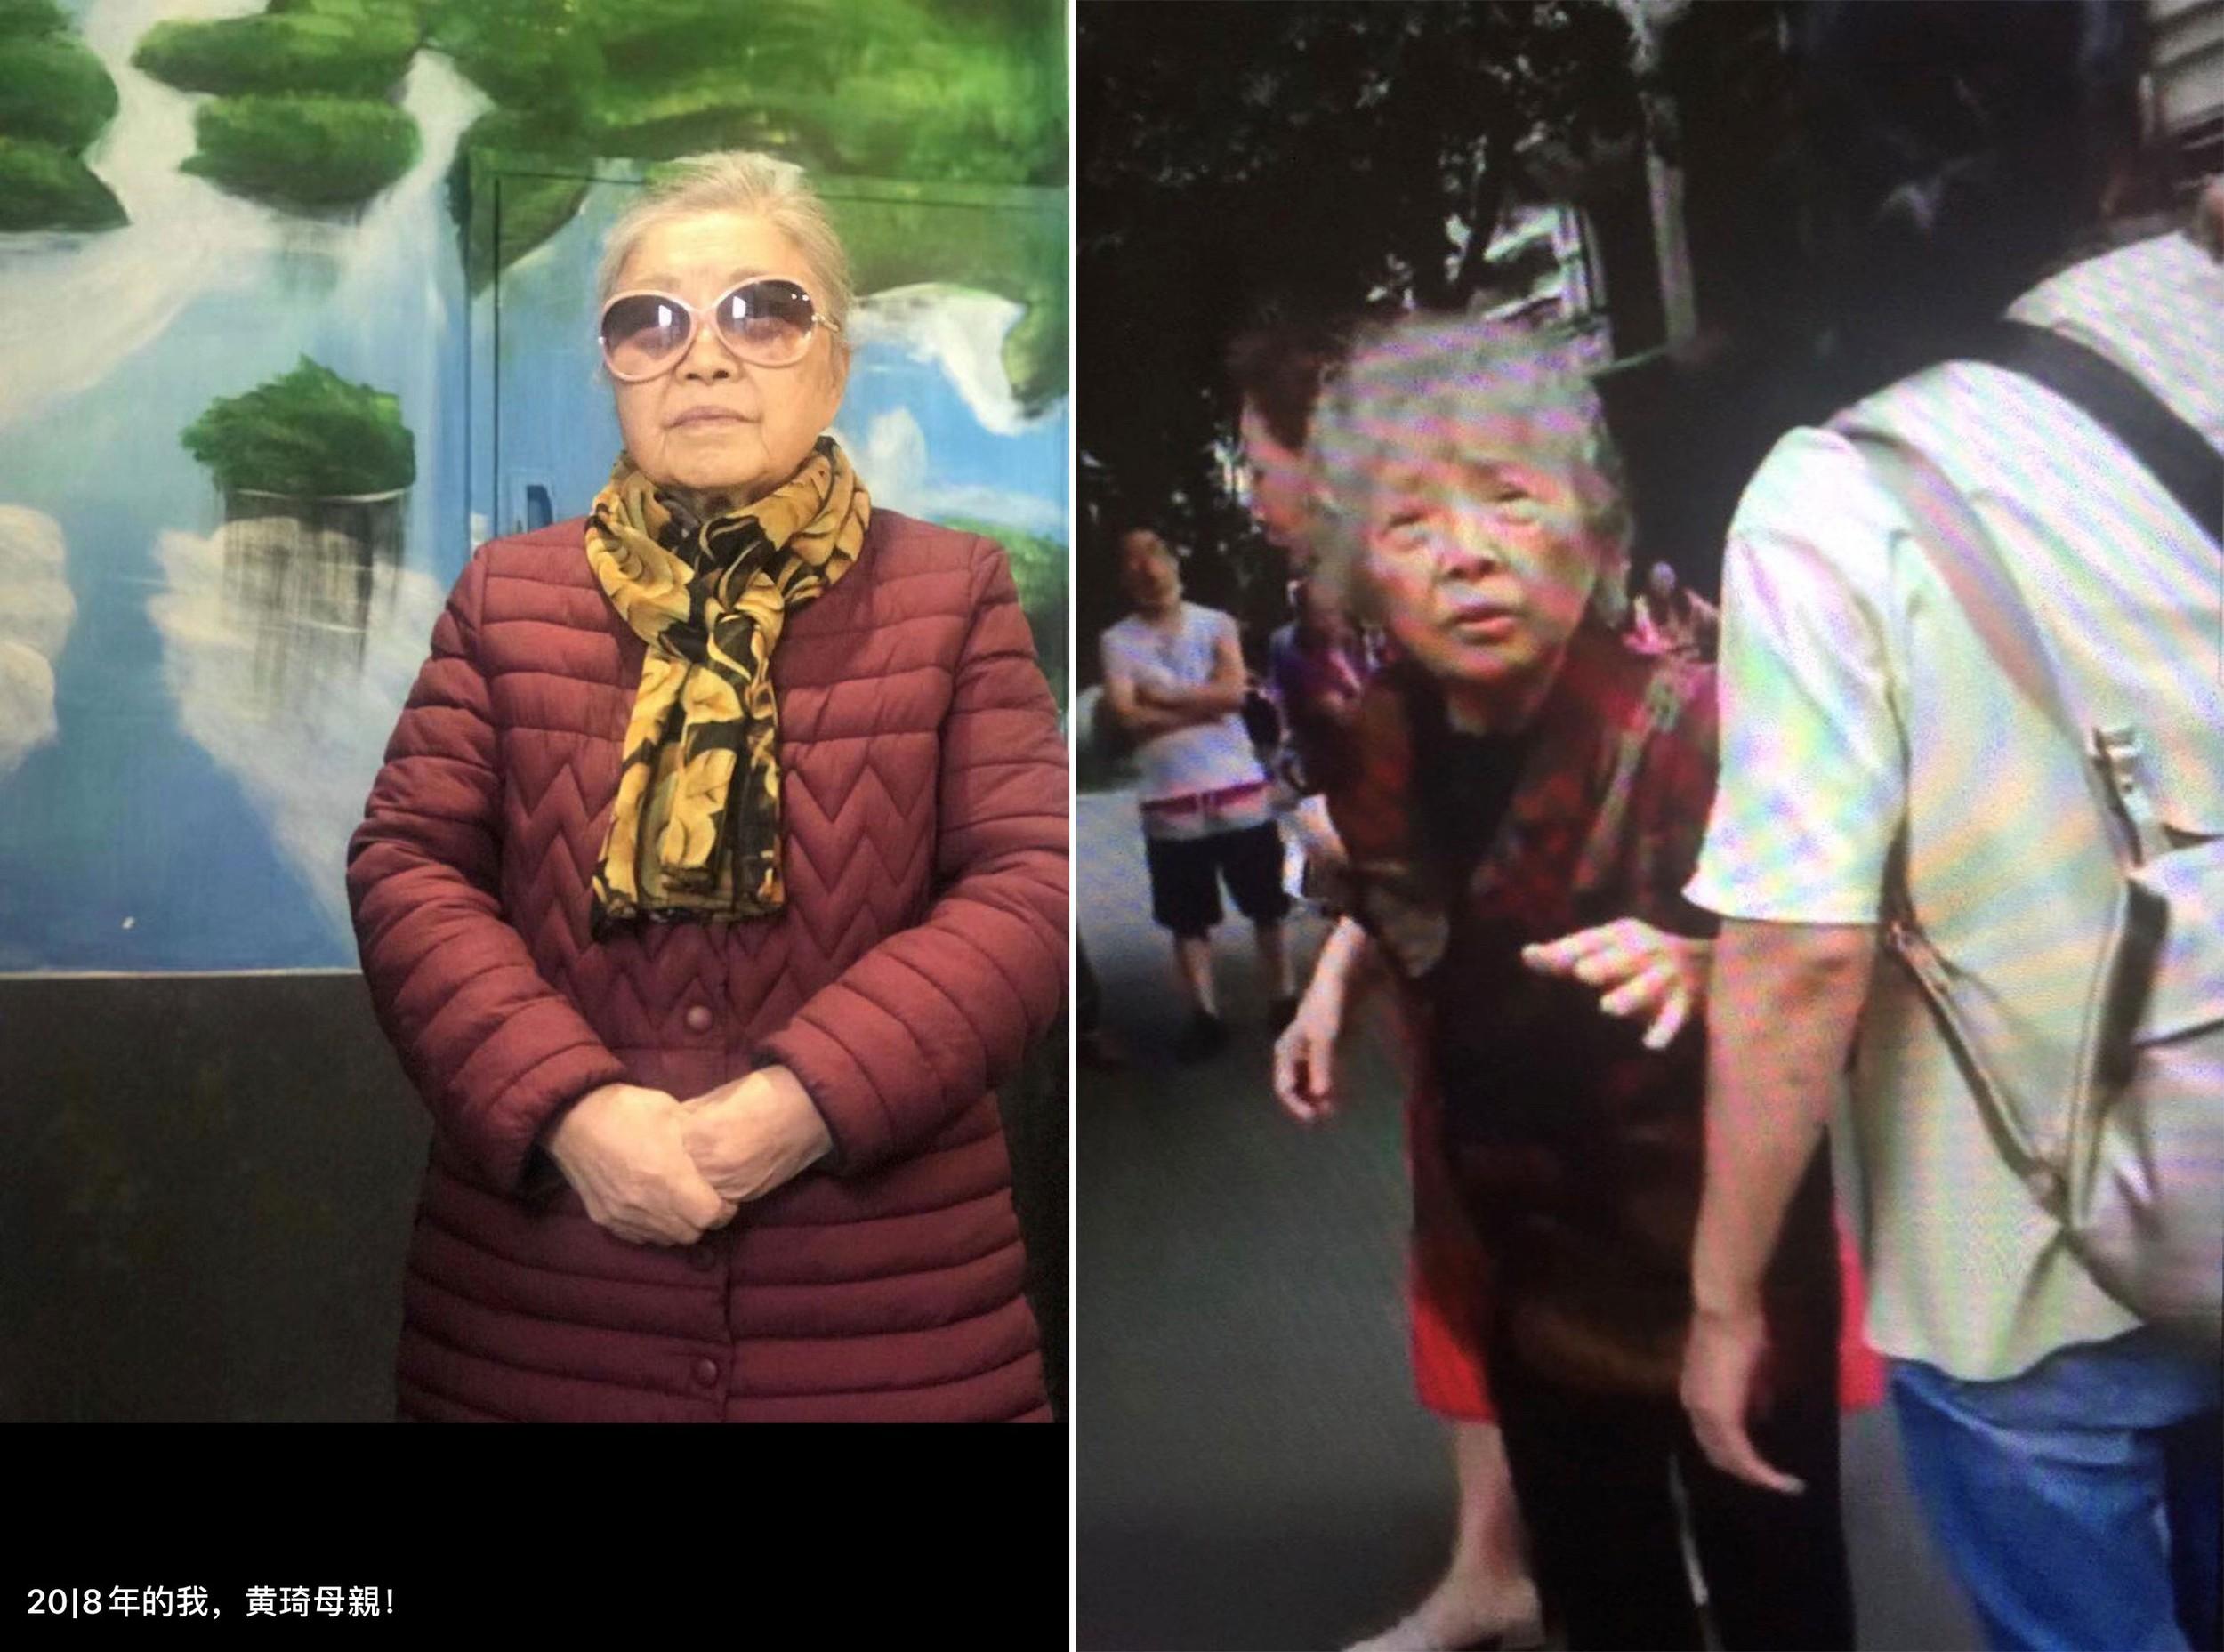 左图:2018年4月,黄琦母亲蒲文清。(志愿者提供/记者乔龙);右图:2020年7月下旬,黄琦亲友团6名成员冲破阻拦,见黄琦母亲被国保软禁。(志愿者提供/记者乔龙)